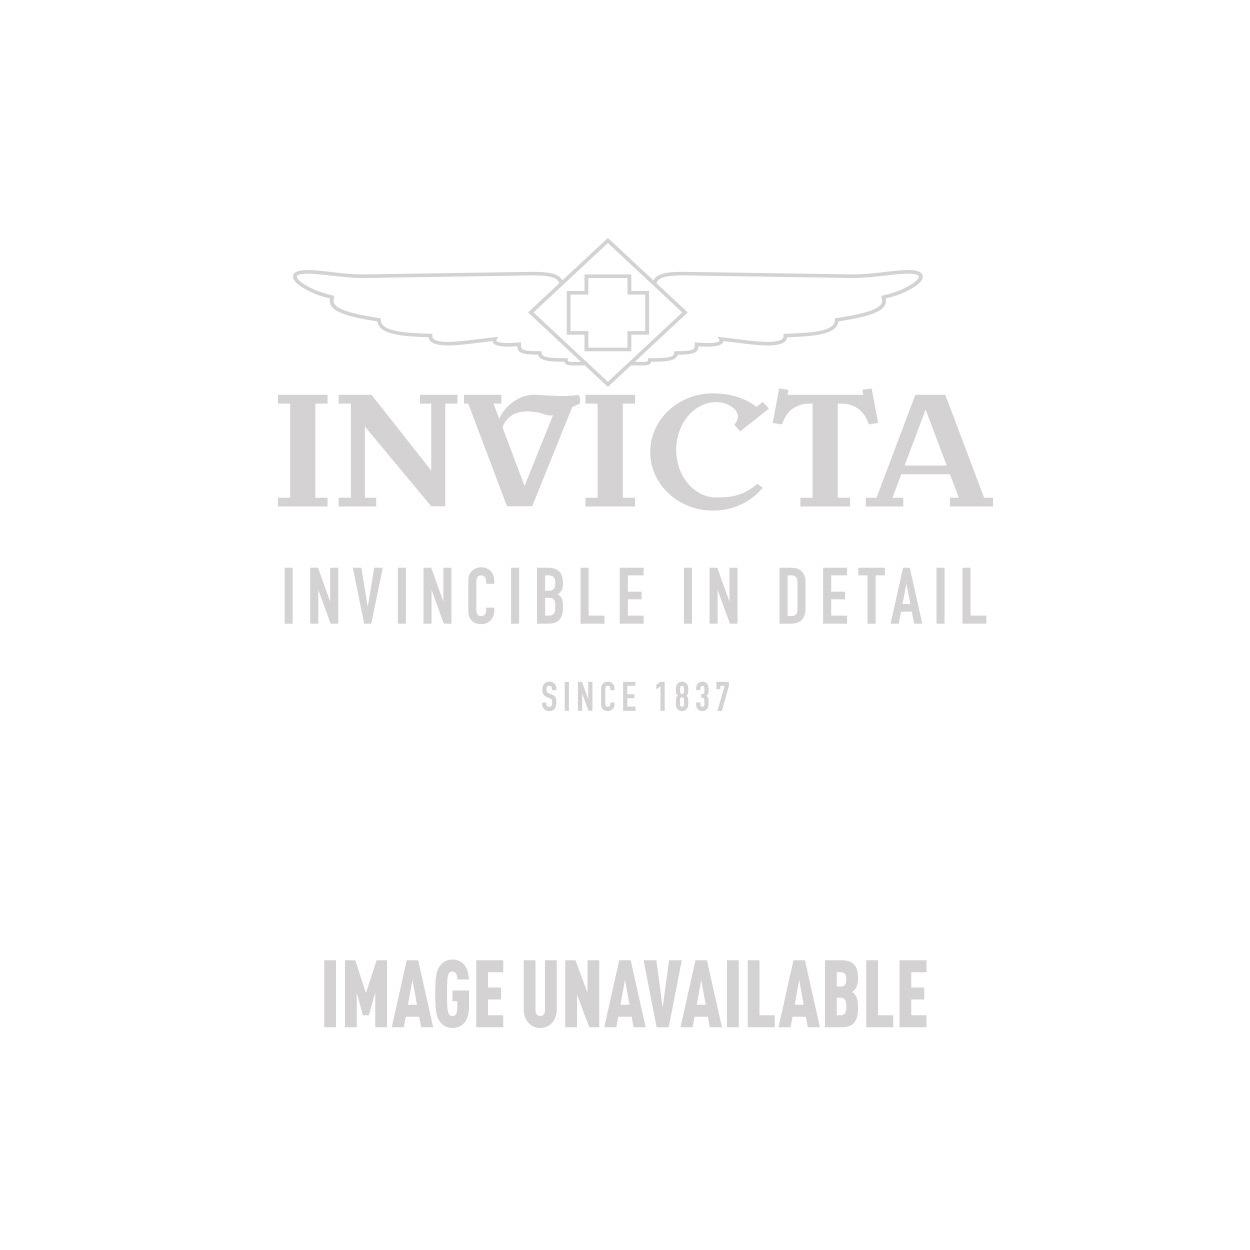 Invicta Model 26778